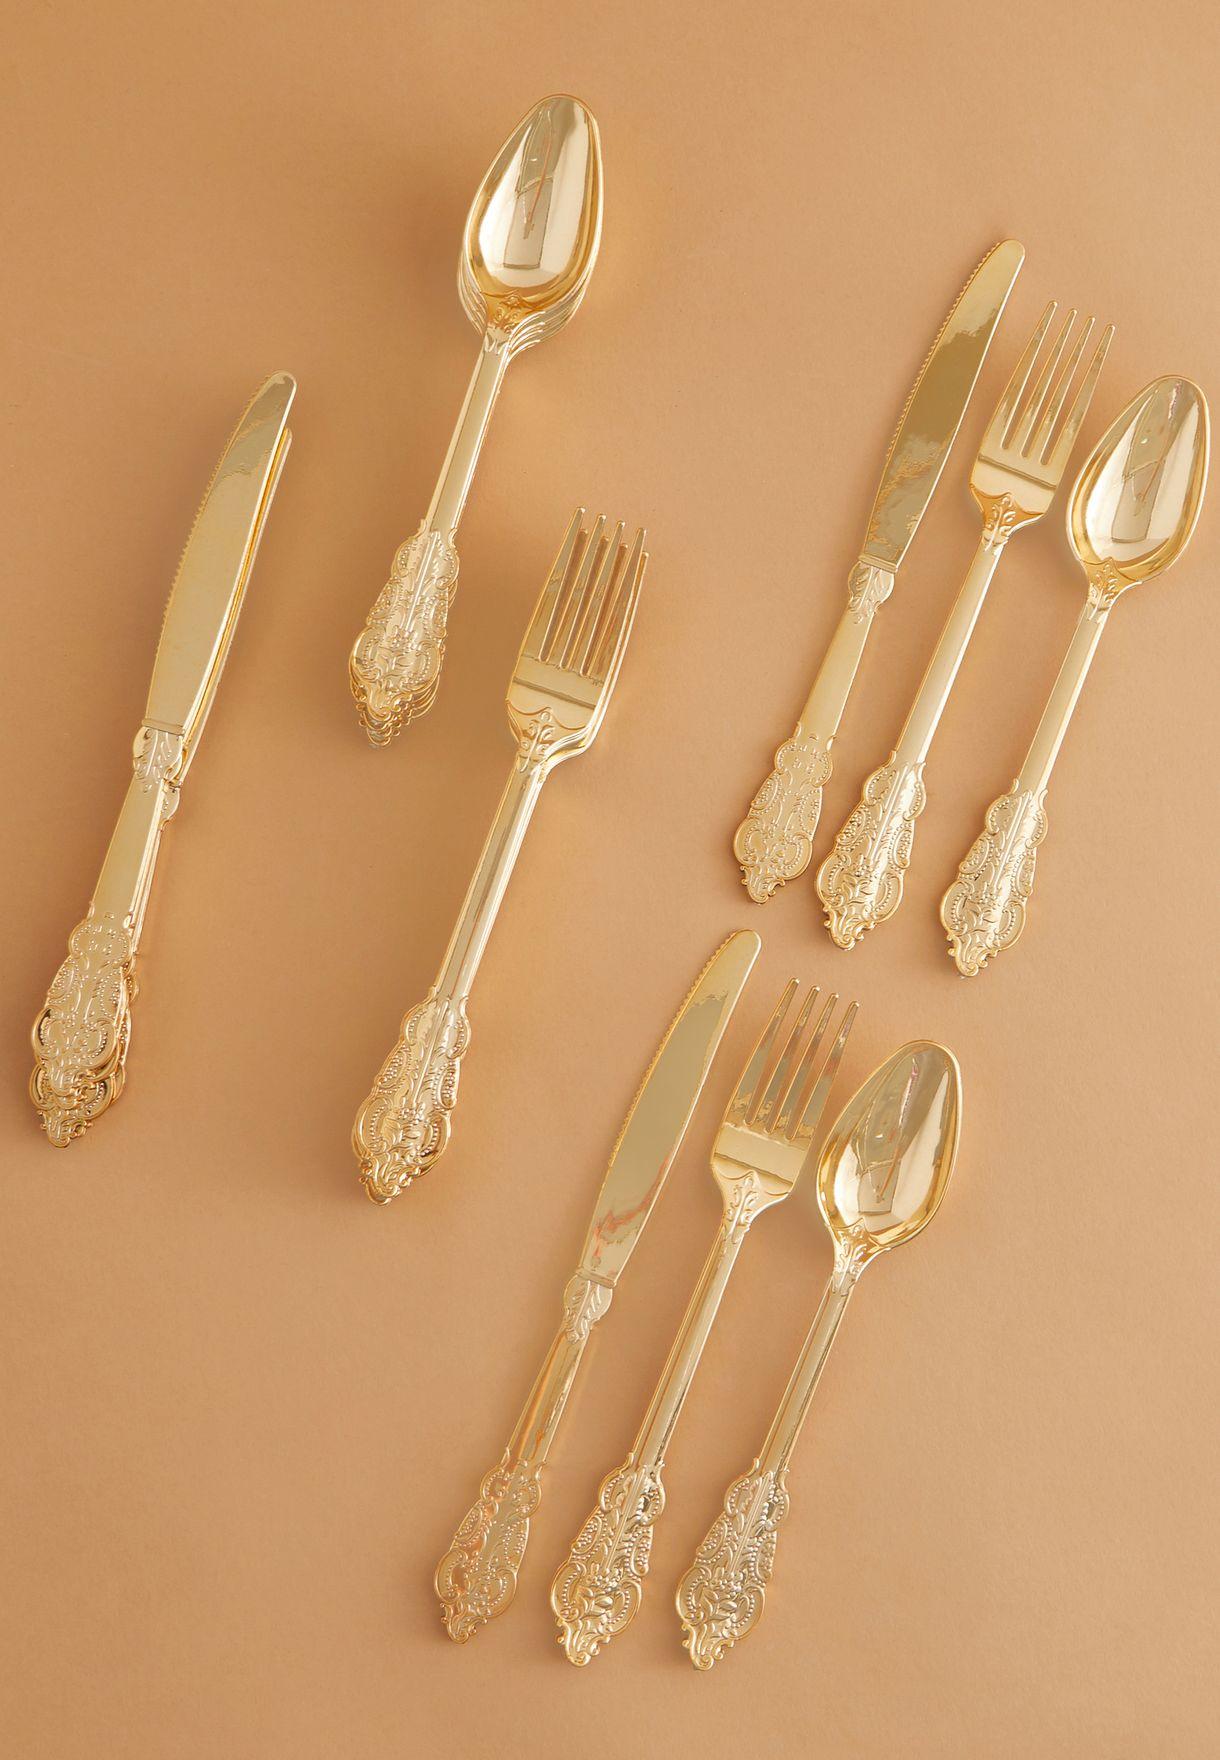 طقم أدوات مائدة